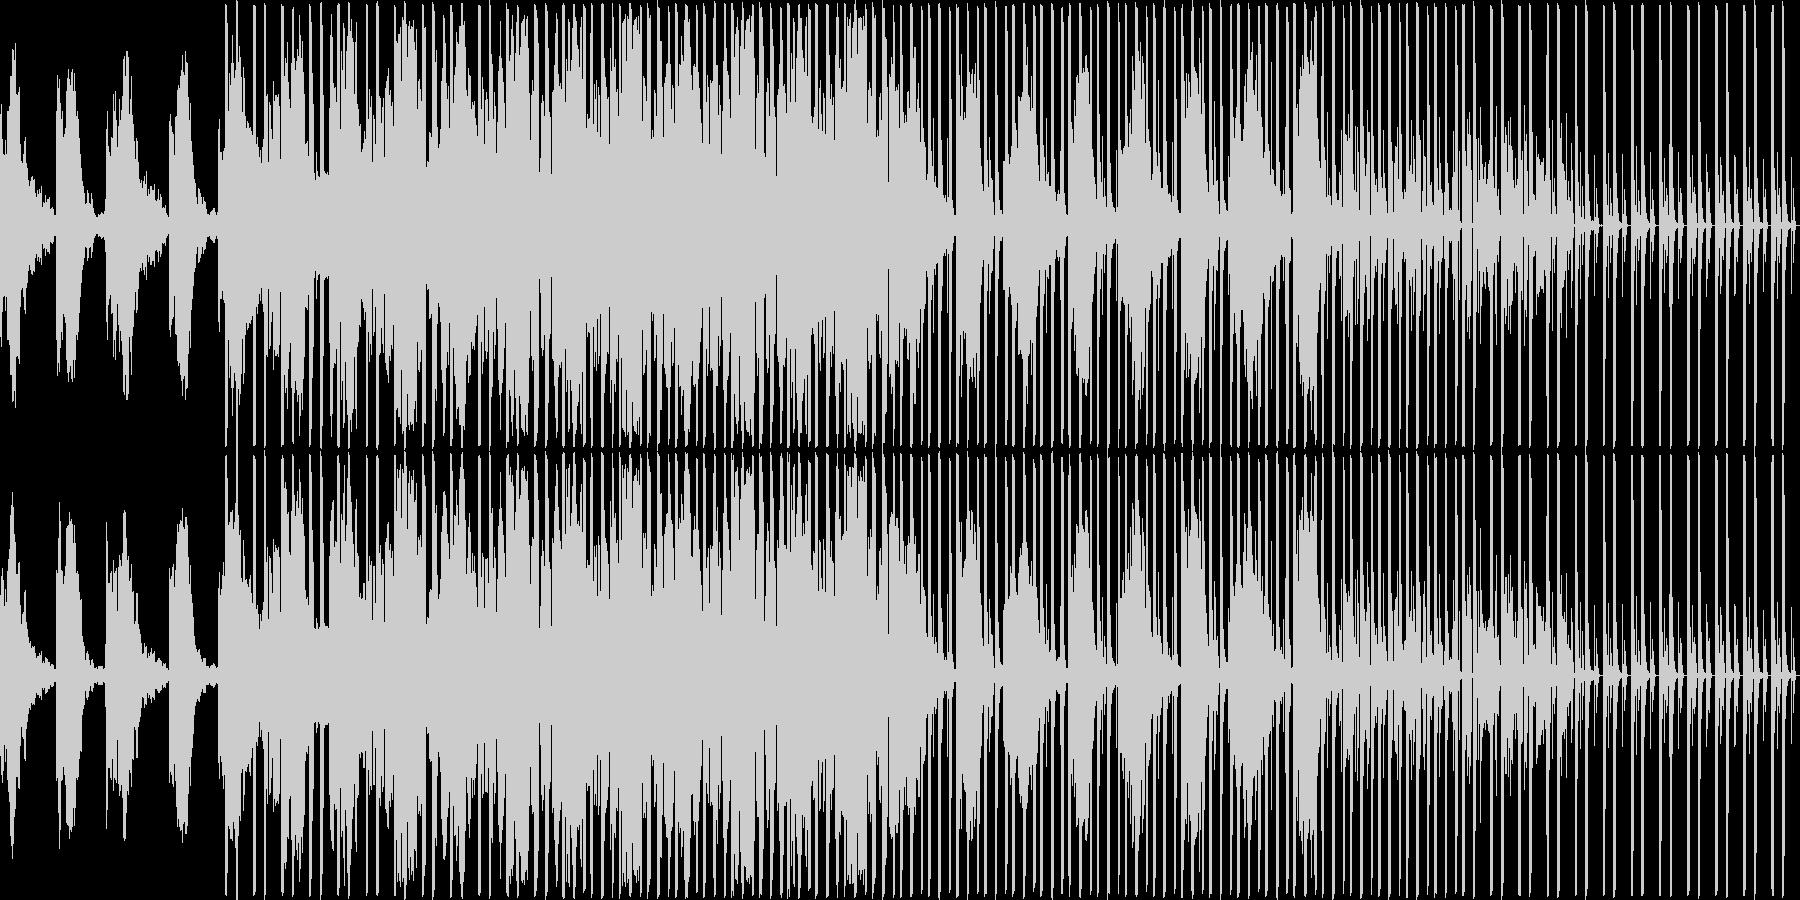 暗めな曲ですの未再生の波形